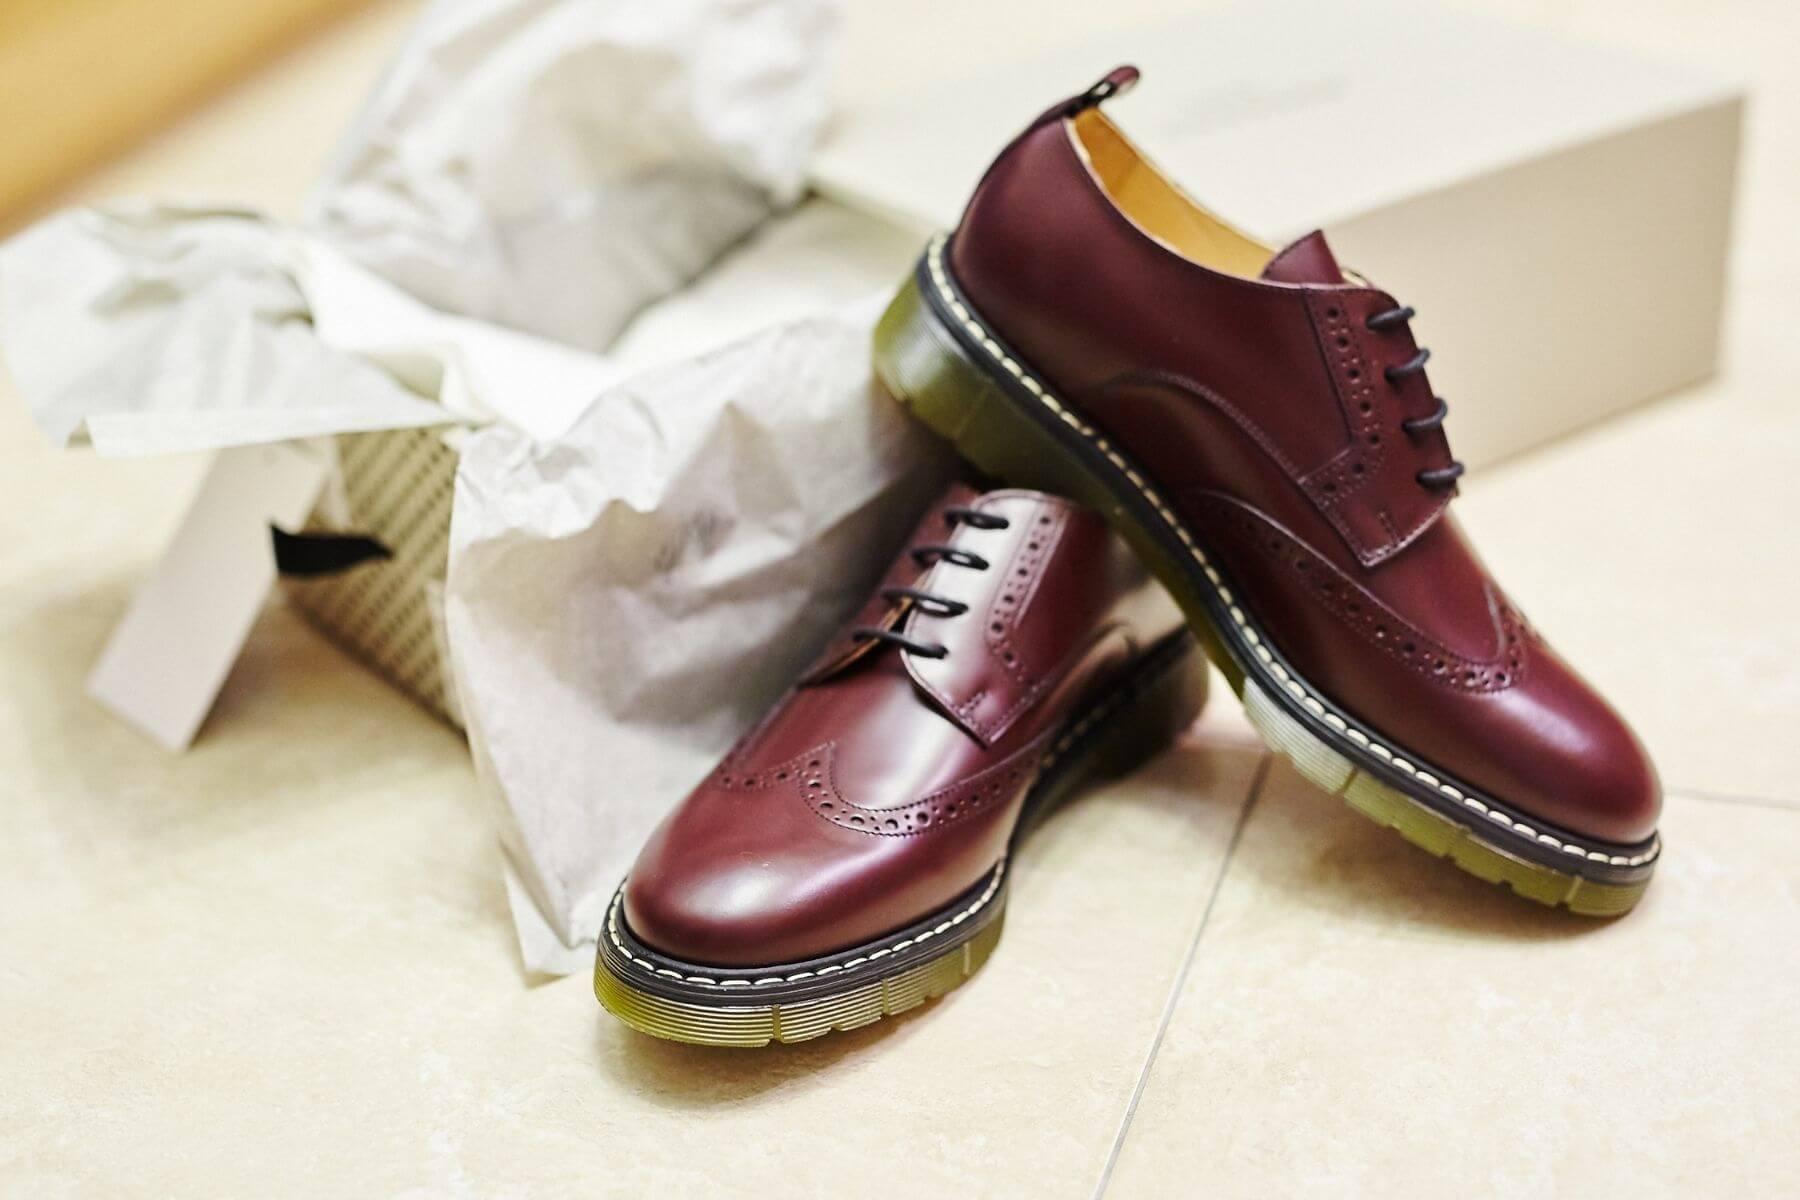 ข้อควรปฏิบัติในวันตรุษจีน และ ข้อห้ามในวันตรุษจีน 2564 ห้ามซื้อรองเท้าใหม่